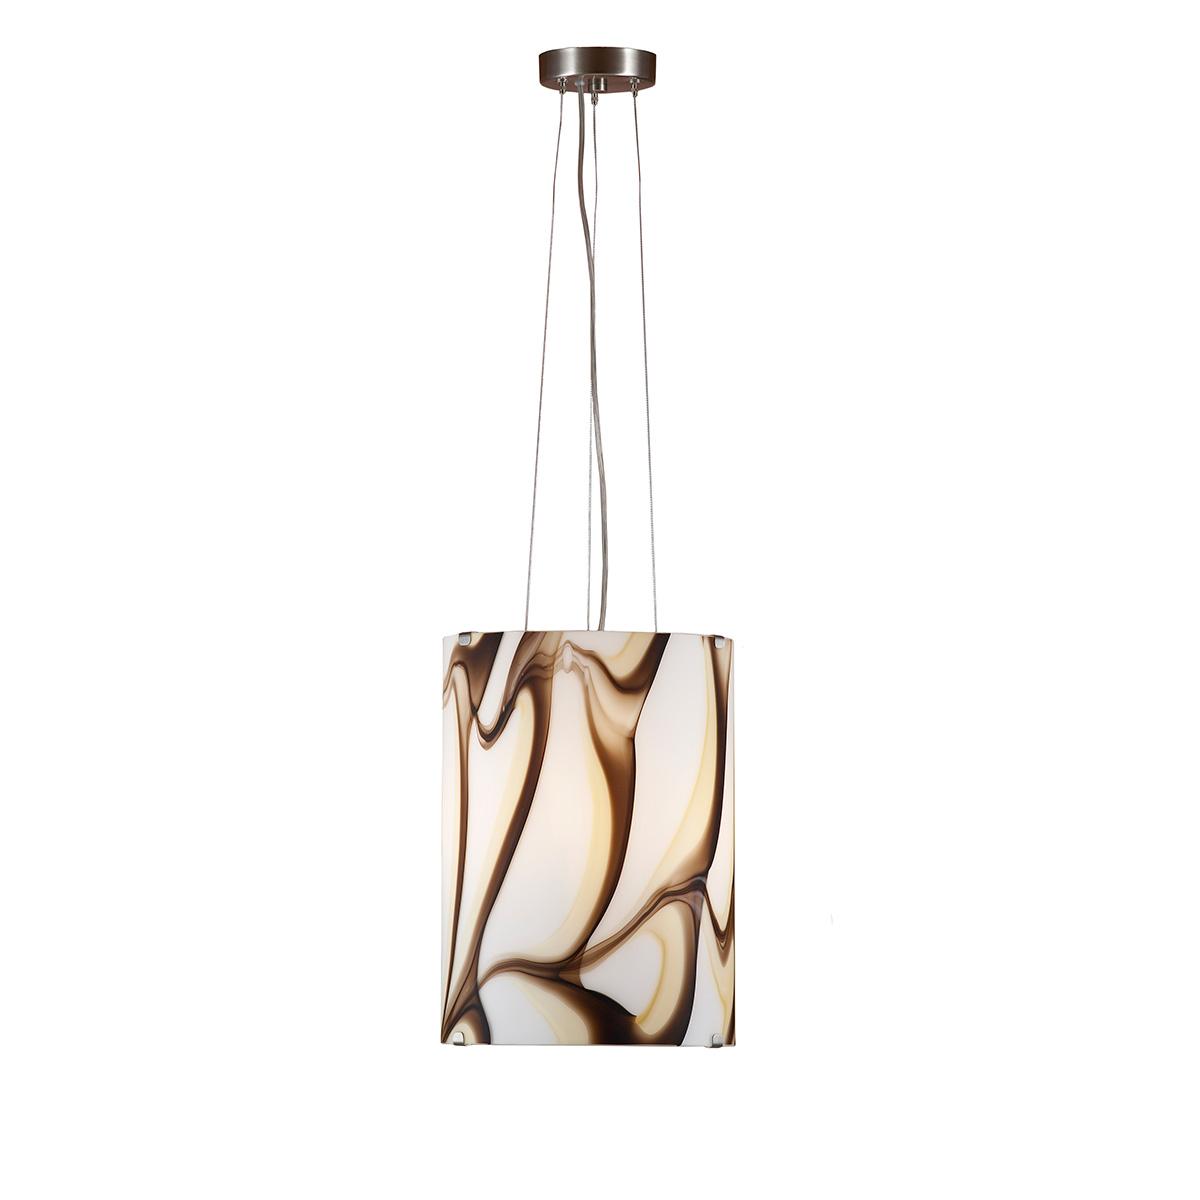 Φωτιστικό κρεμαστό μονόφωτο COLORE modern pendant lamp